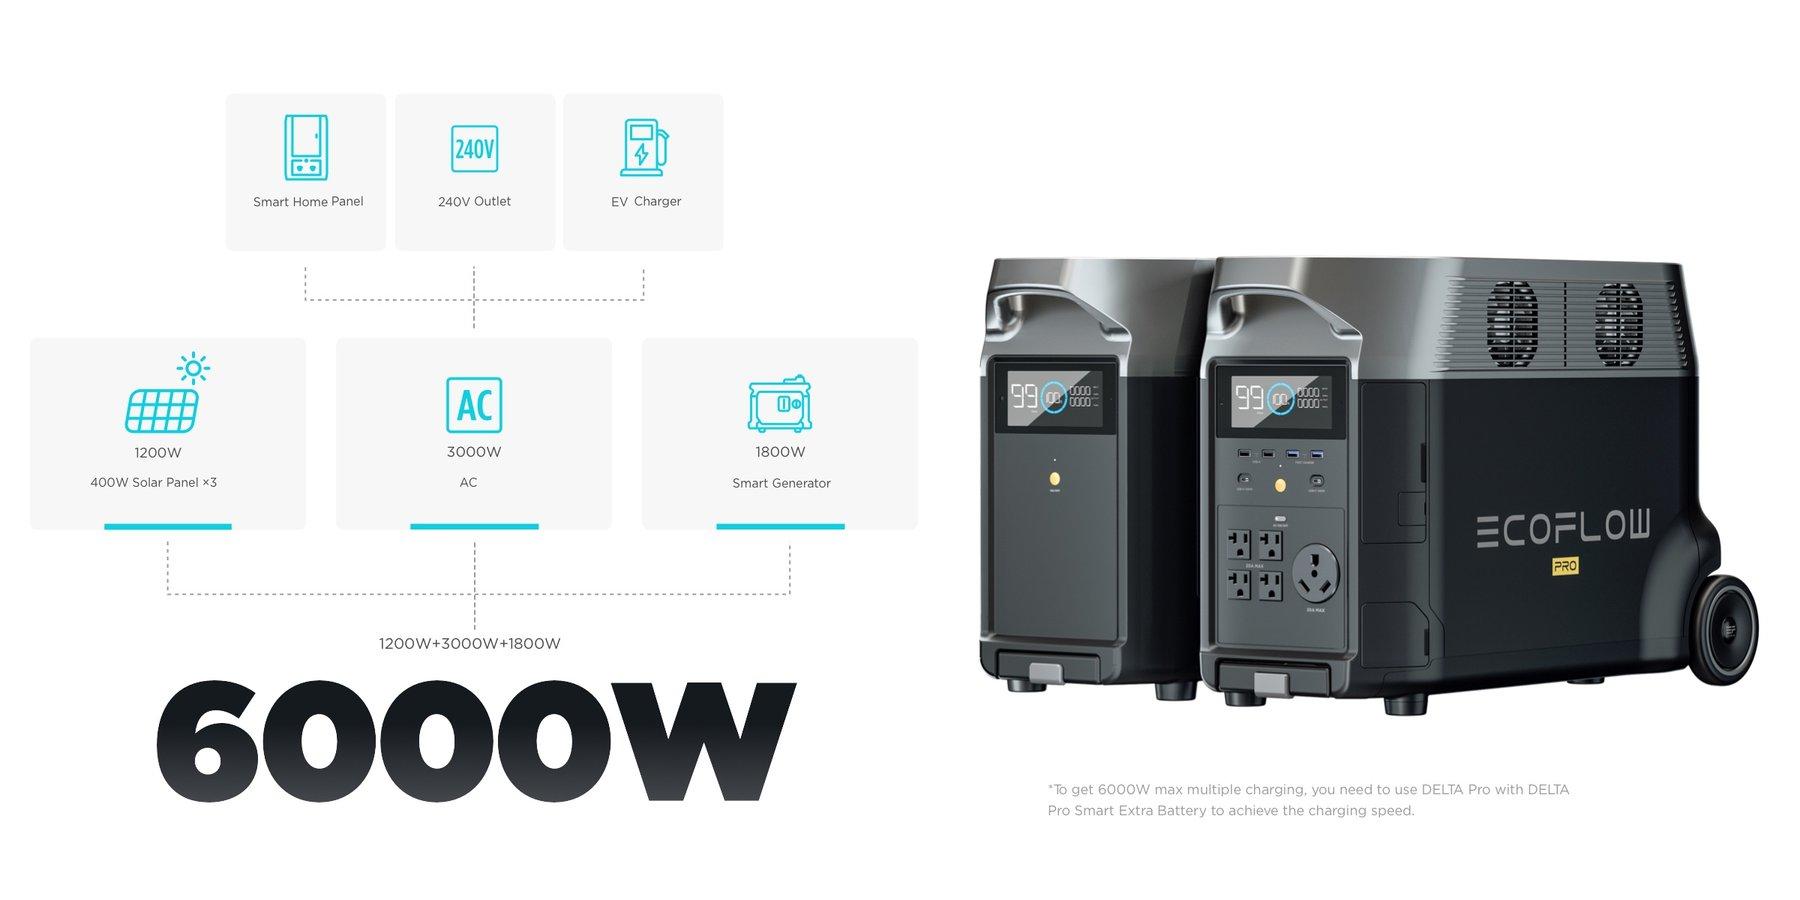 Differentes méthodes de recharge ecoflow delta pro